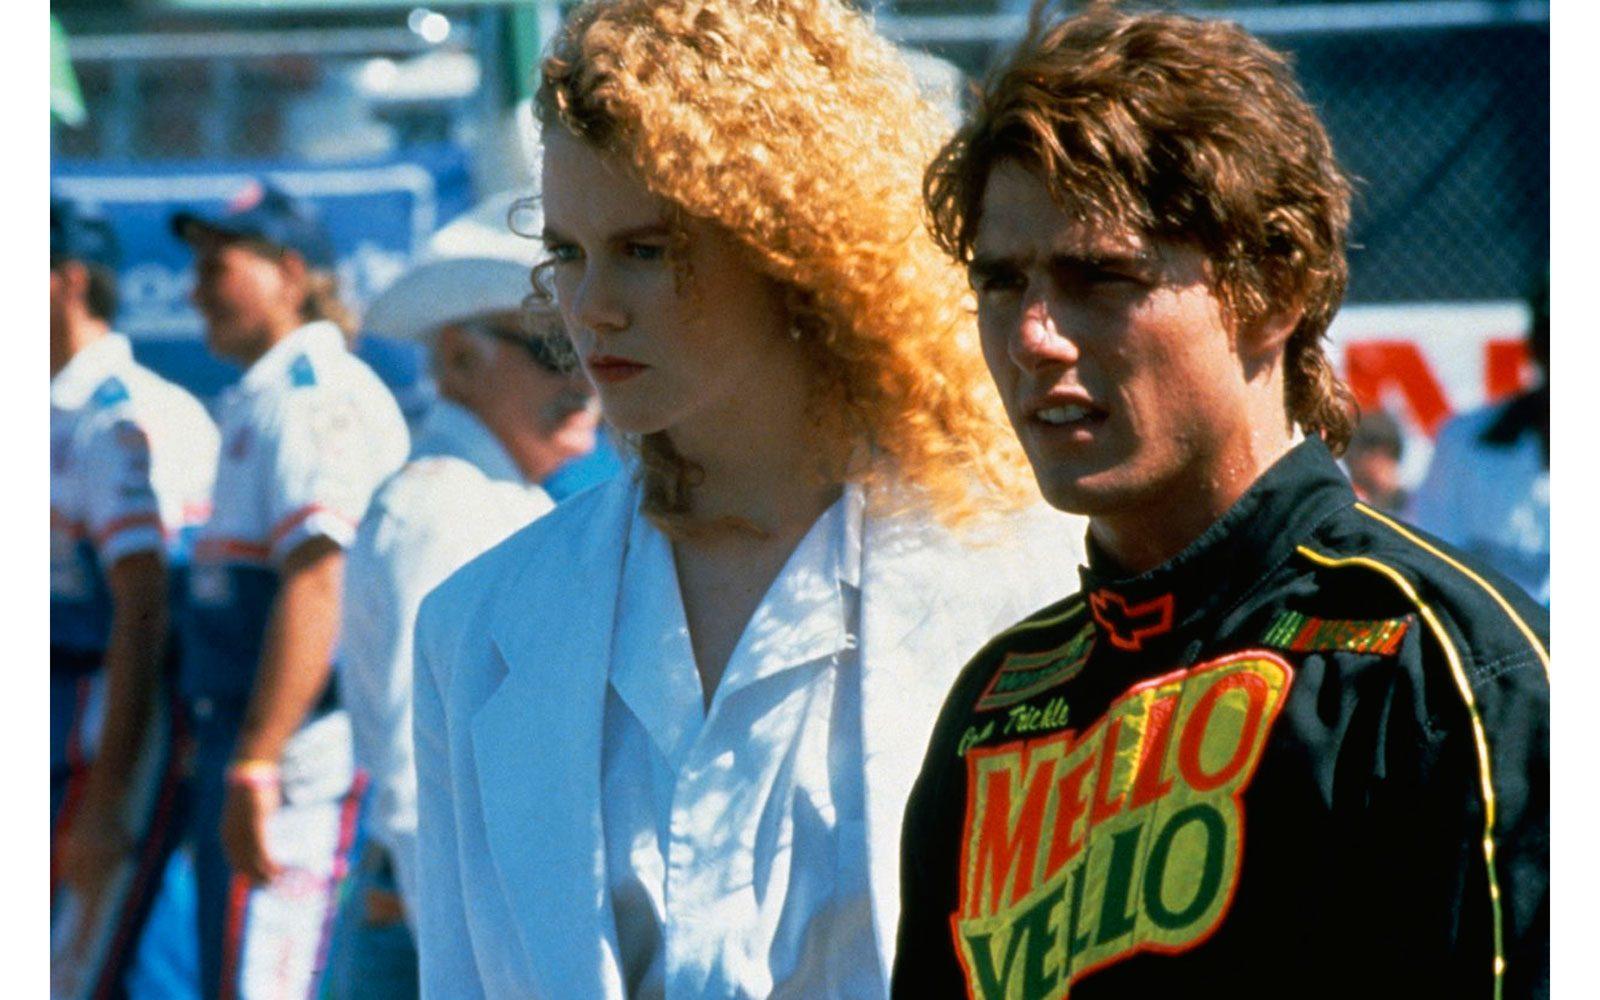 """""""Giorni di tuono"""" (1990). Il film in cui compare all'improvviso, giovane partner di scena e non solo dell'allora famosissimo Tom Cruise. Gli anni 80 erano appena finiti e si vede: massa di capelli ricci e selvaggi e viso ancora tondo da post-adolescente."""